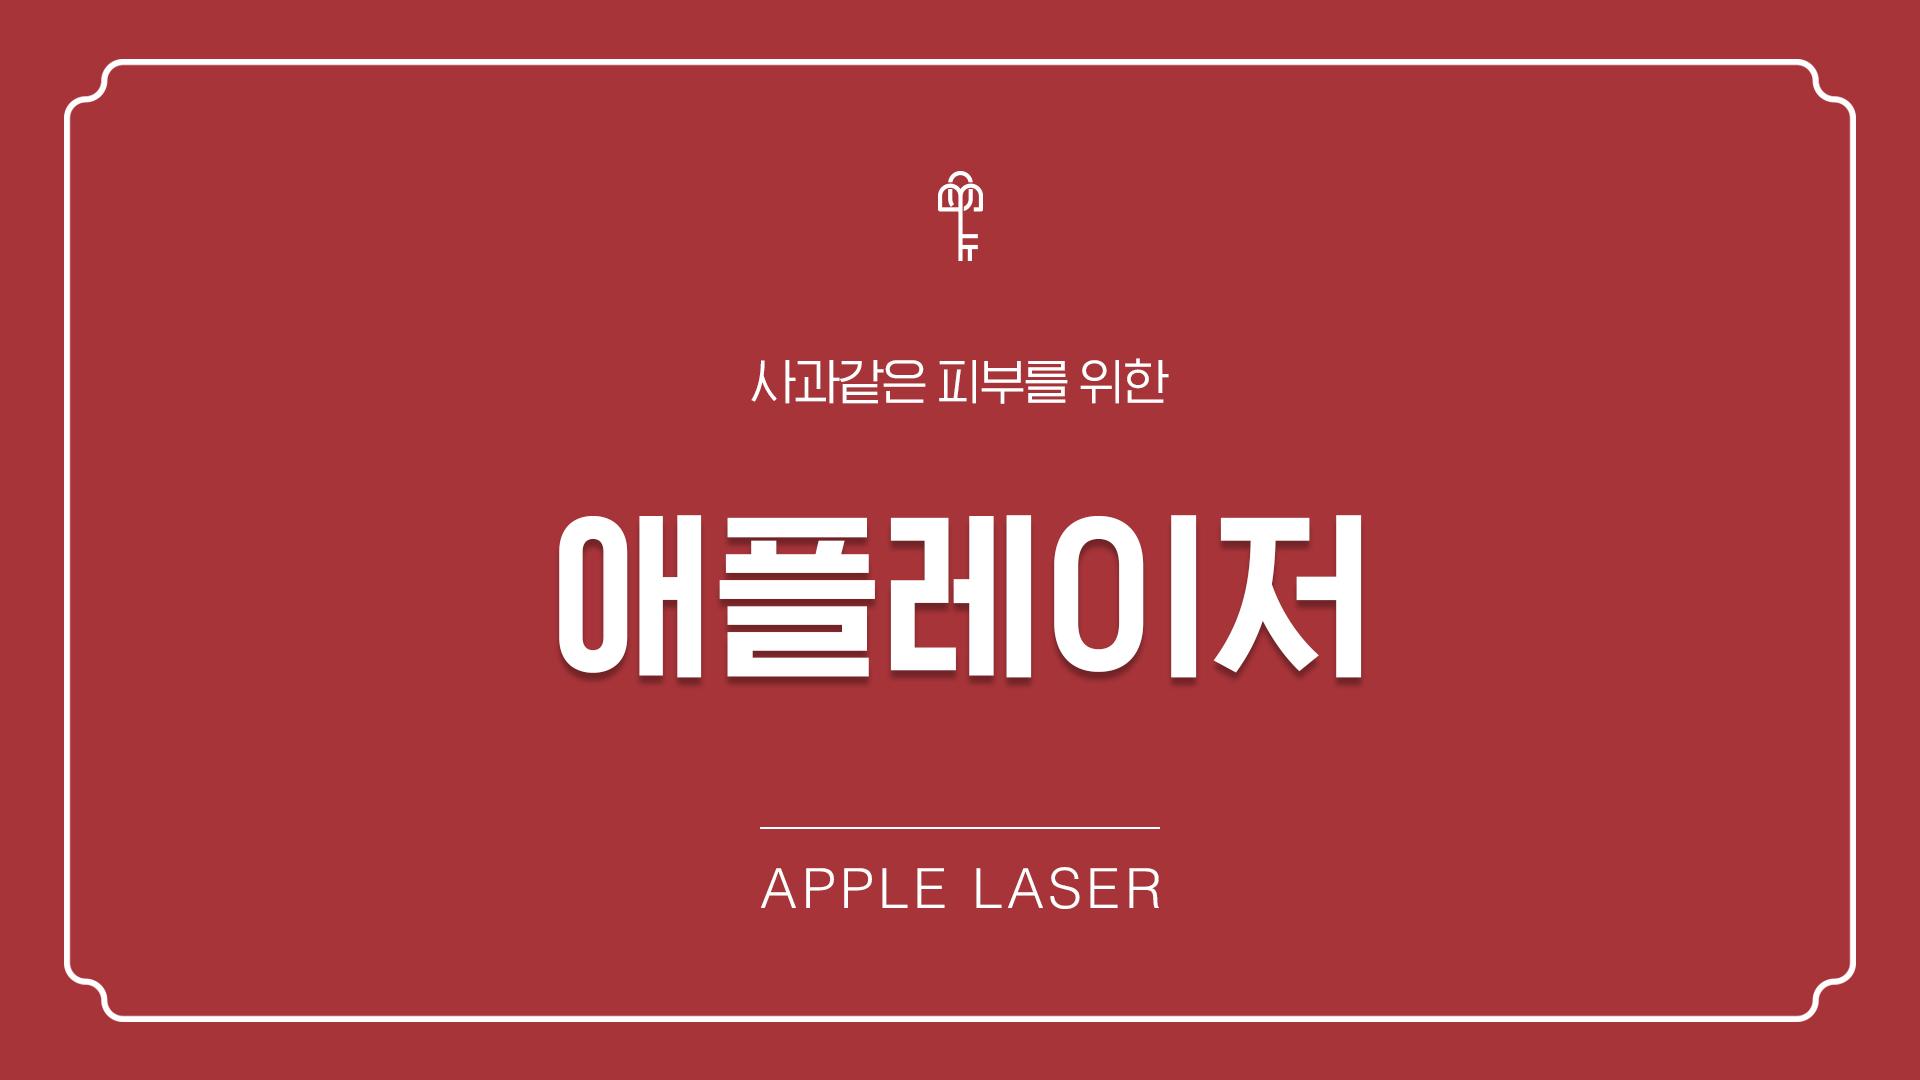 [EVENT] 트러블 전용 애플레이저 체험권